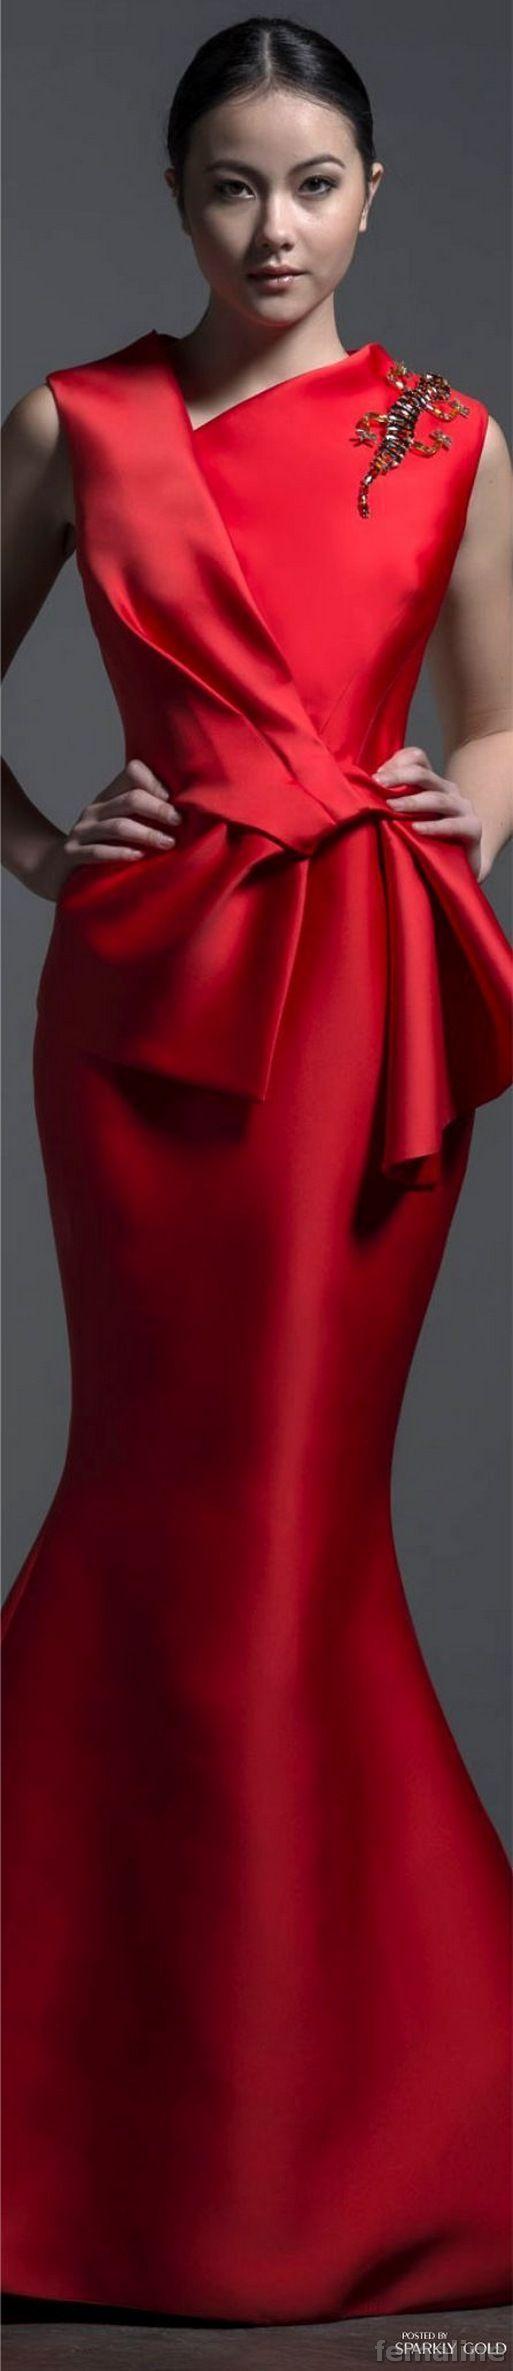 88 Elegant Red Dress Ideas Make You Look Sexy | Rot, Kleider und Stil